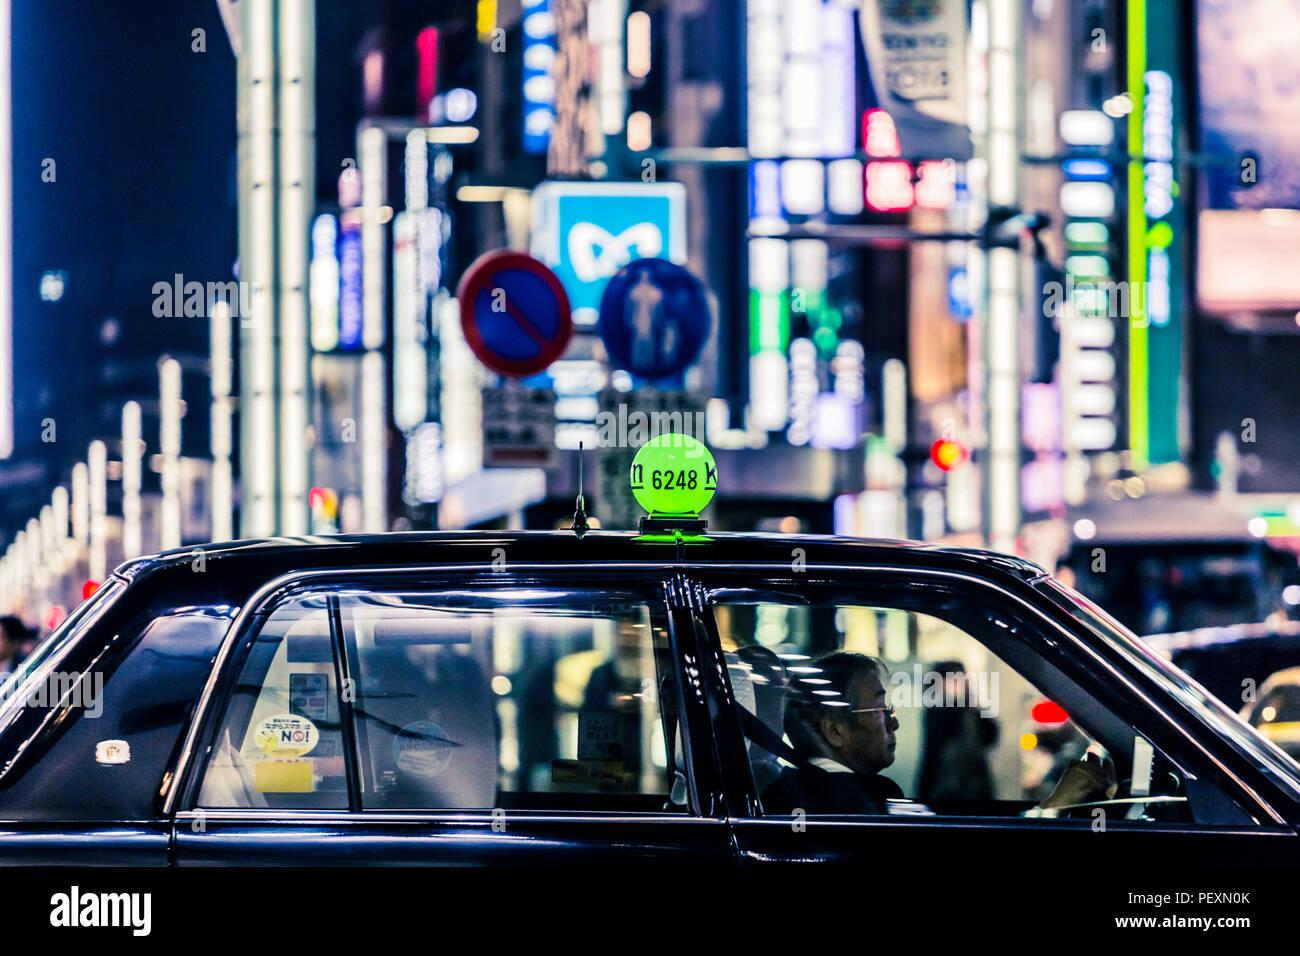 Taxi en la calle en el barrio de Ginza, Tokio, Japón Imagen De Stock